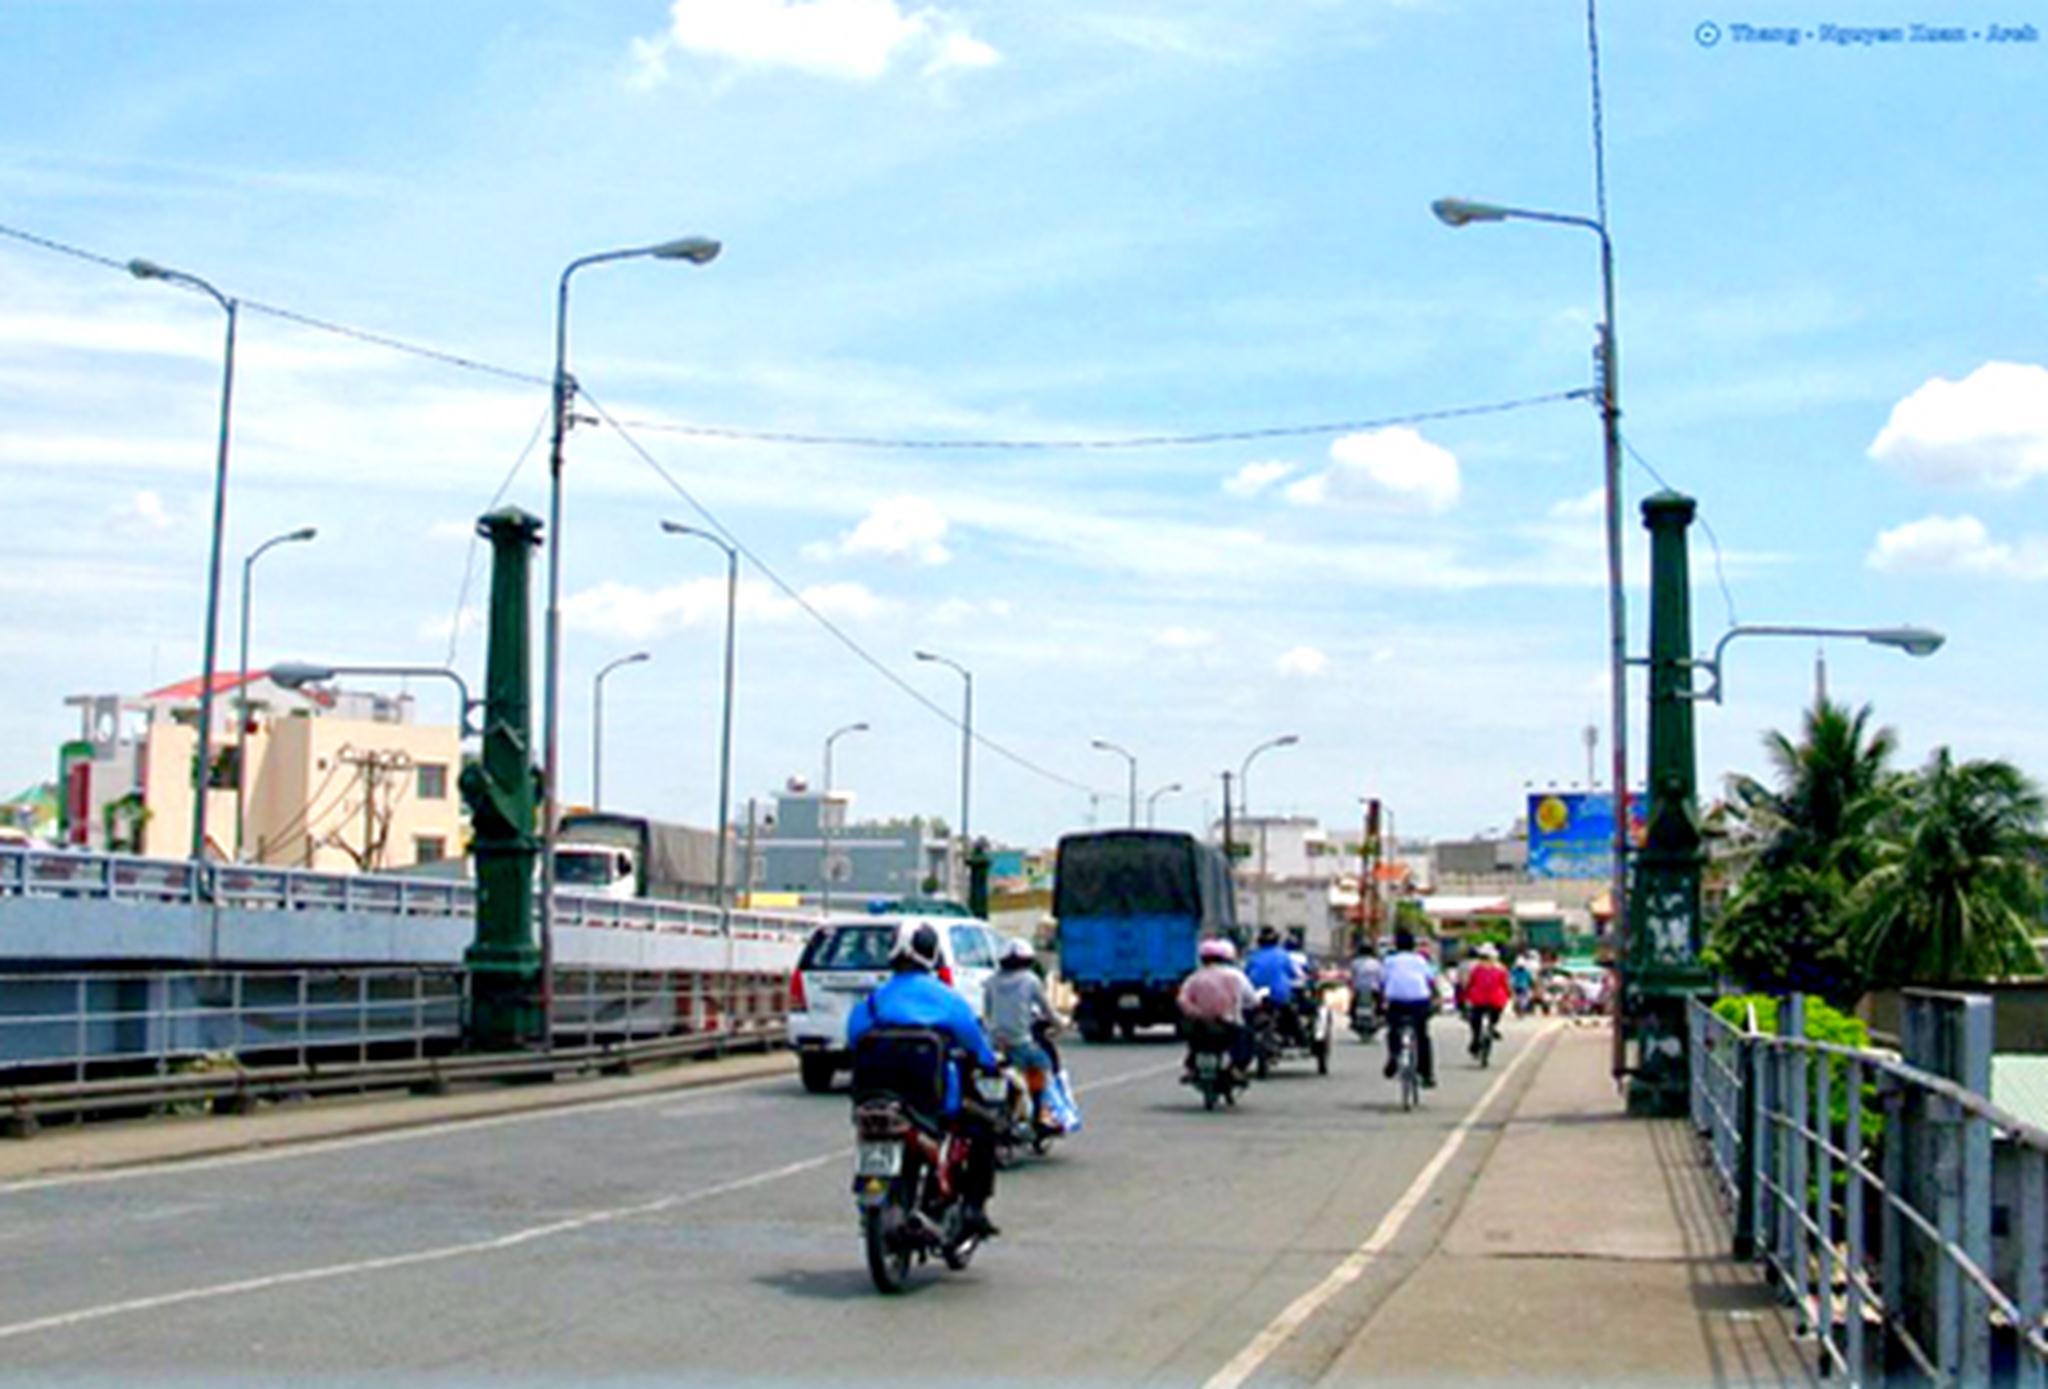 Cầu Nhị Thiên Đường 1: Ảnh: Panoramio.